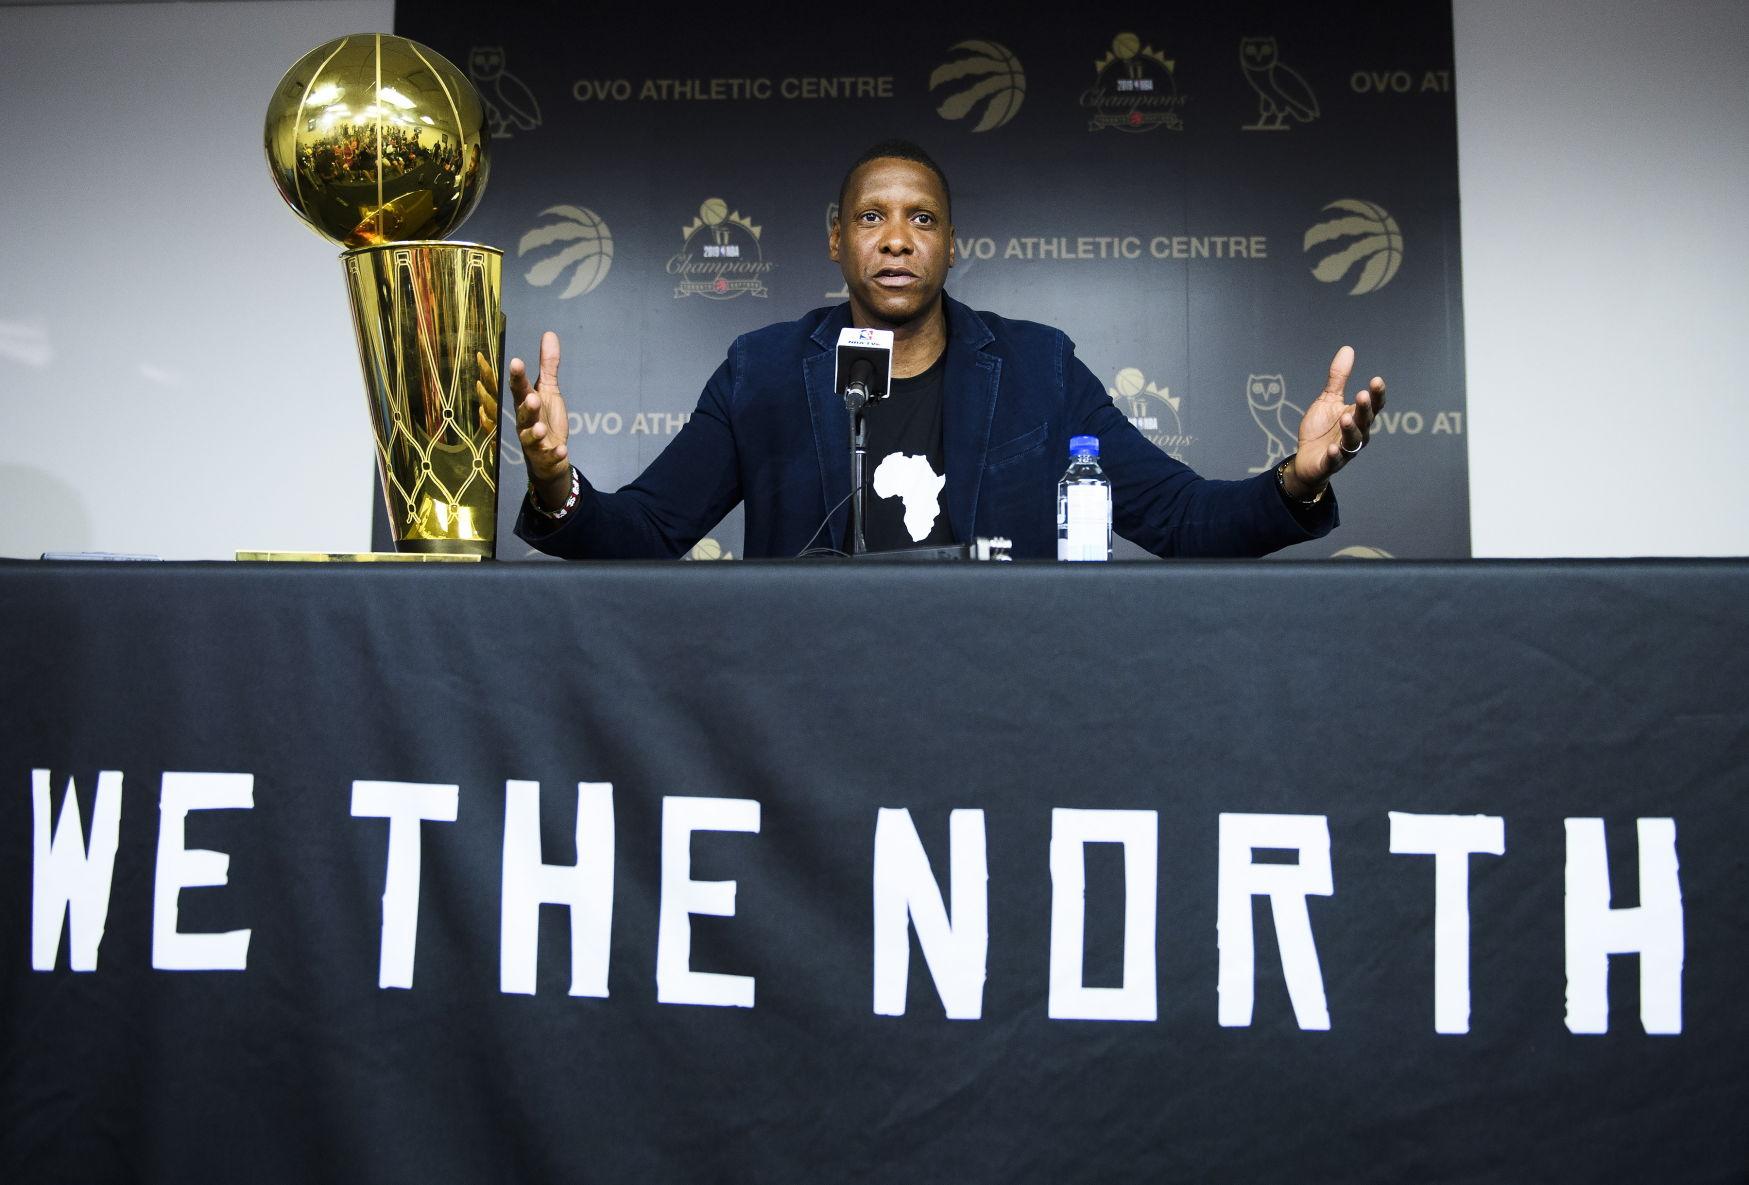 Confiado presidente de los Raptors en regreso de Kawhi Leonard